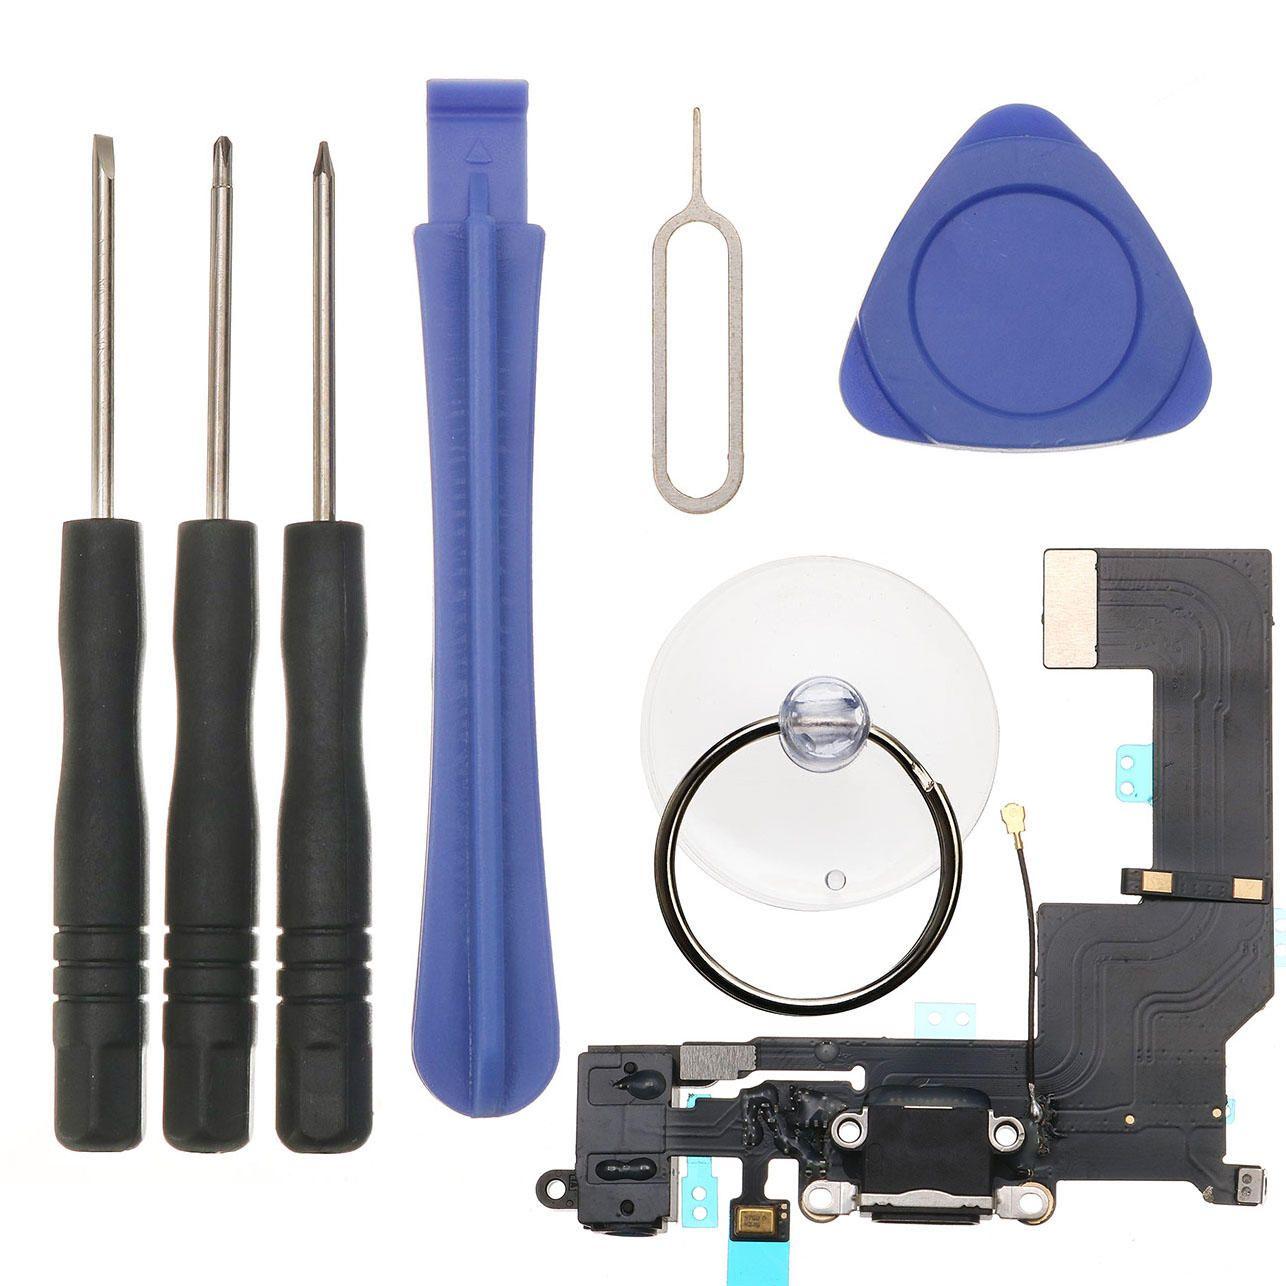 Black usb charging dock port flex cablerepair tools kit